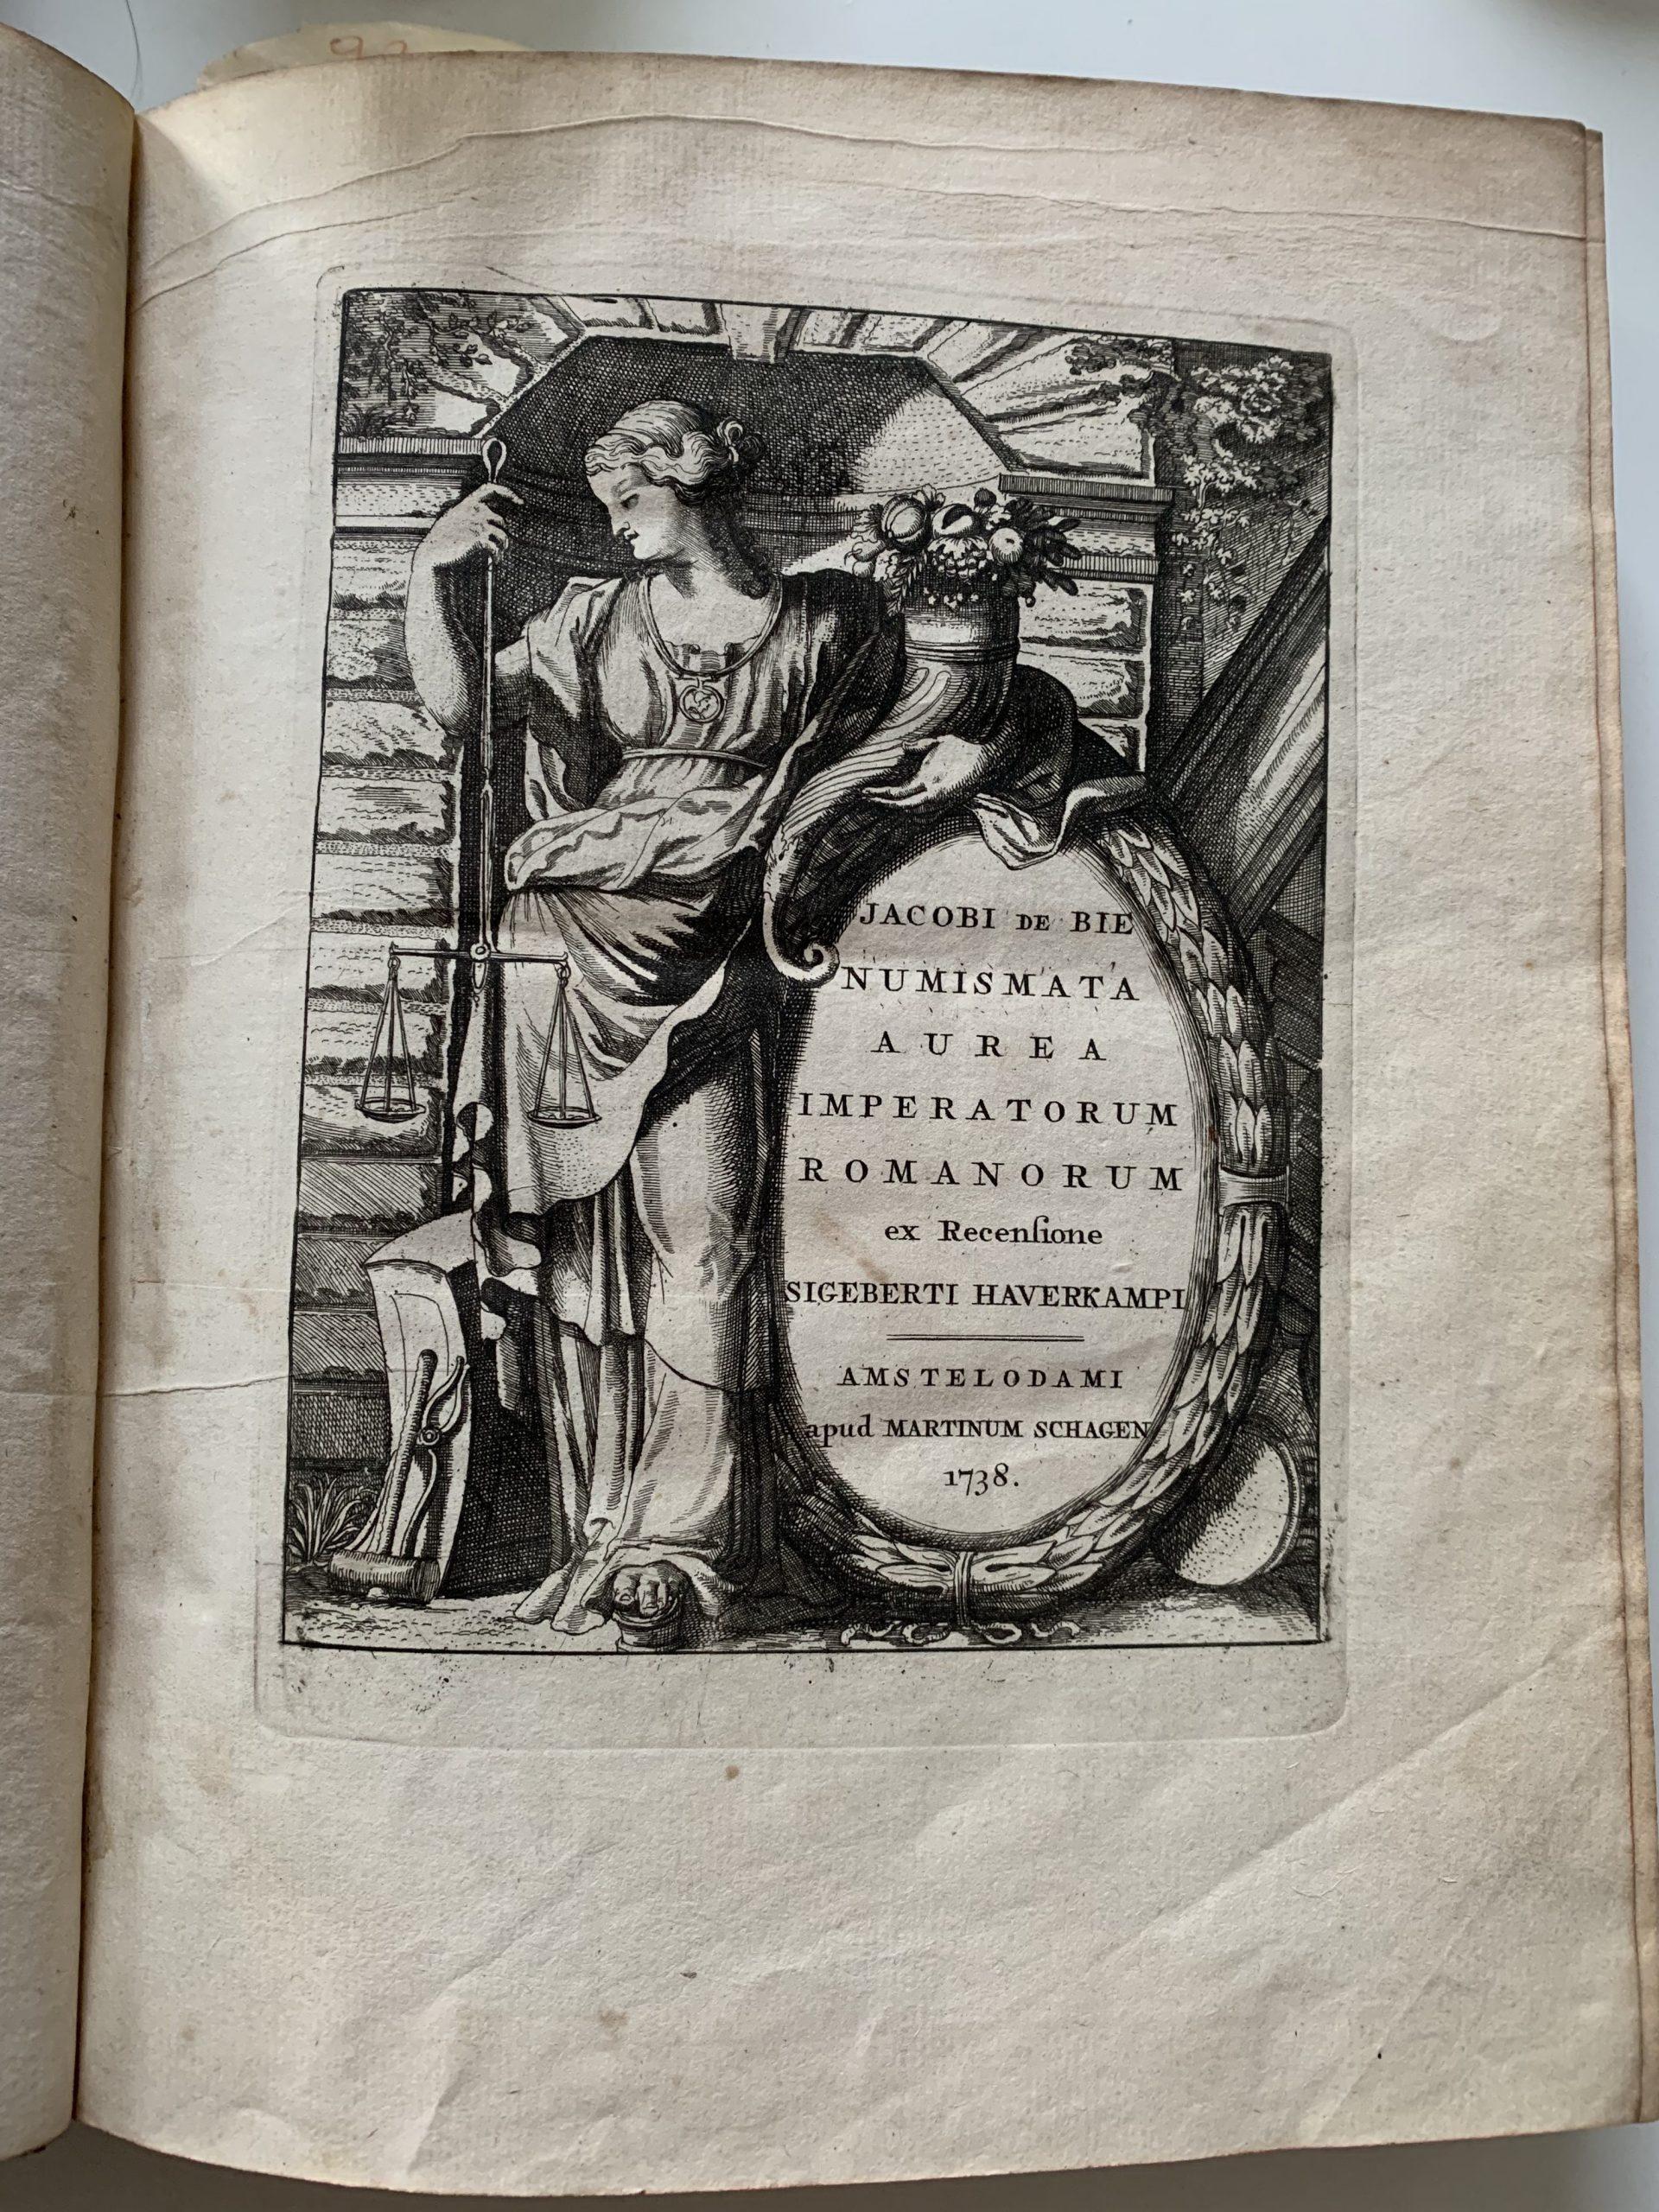 BIE, Jacobi de; SMIDS, Ludolphi; HAVERCAMPUS, Sigebertus